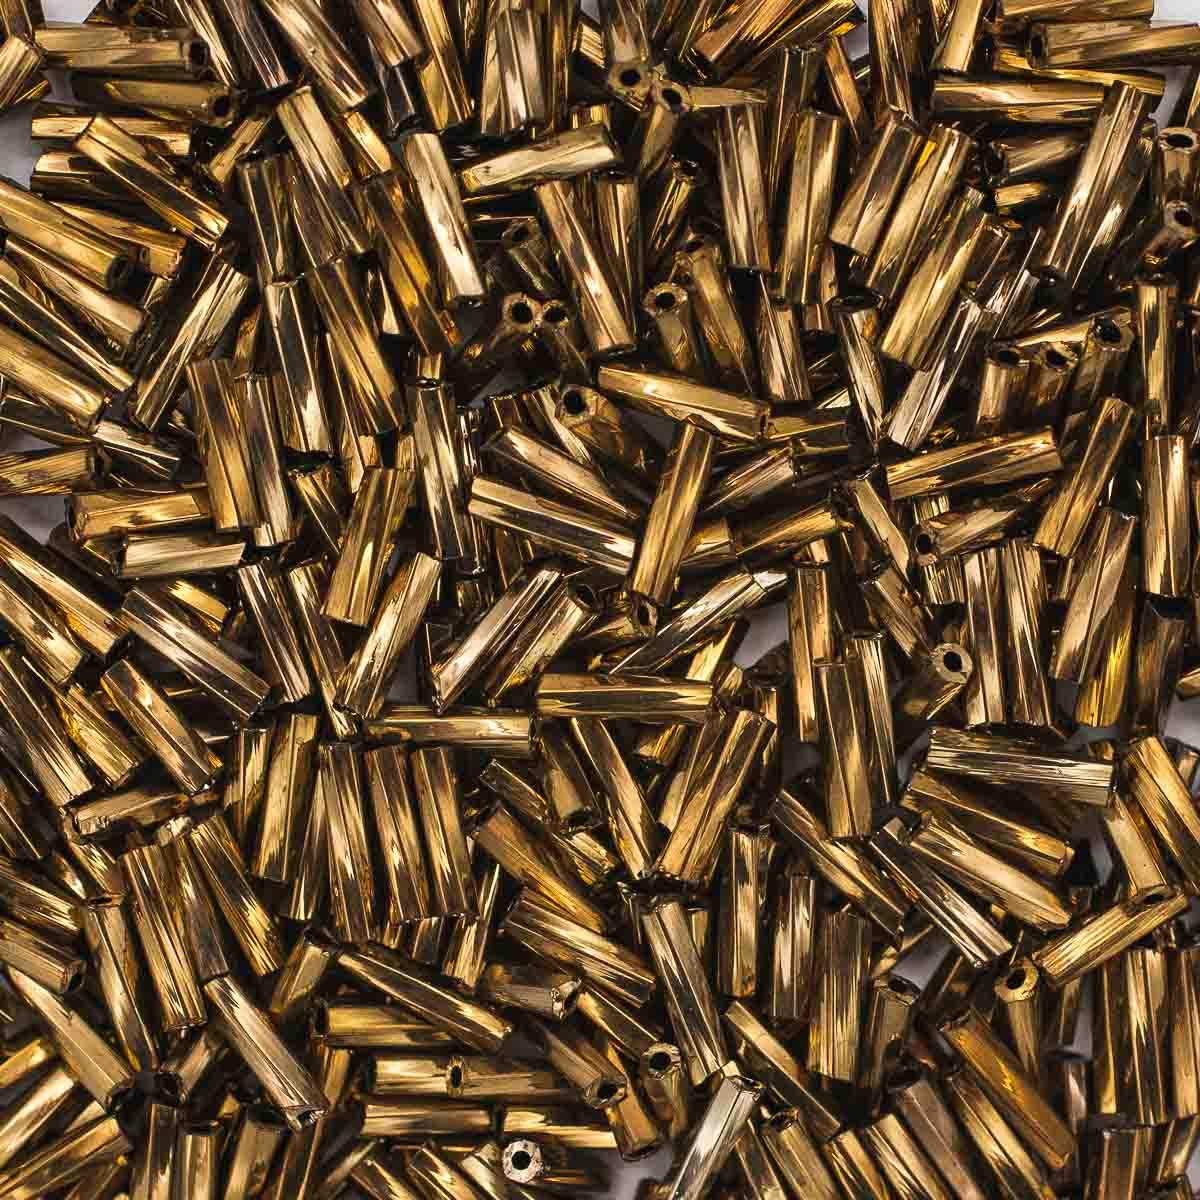 Стеклярус крученый, (стекло), 5 мм, упак./20 гр., 'Астра'